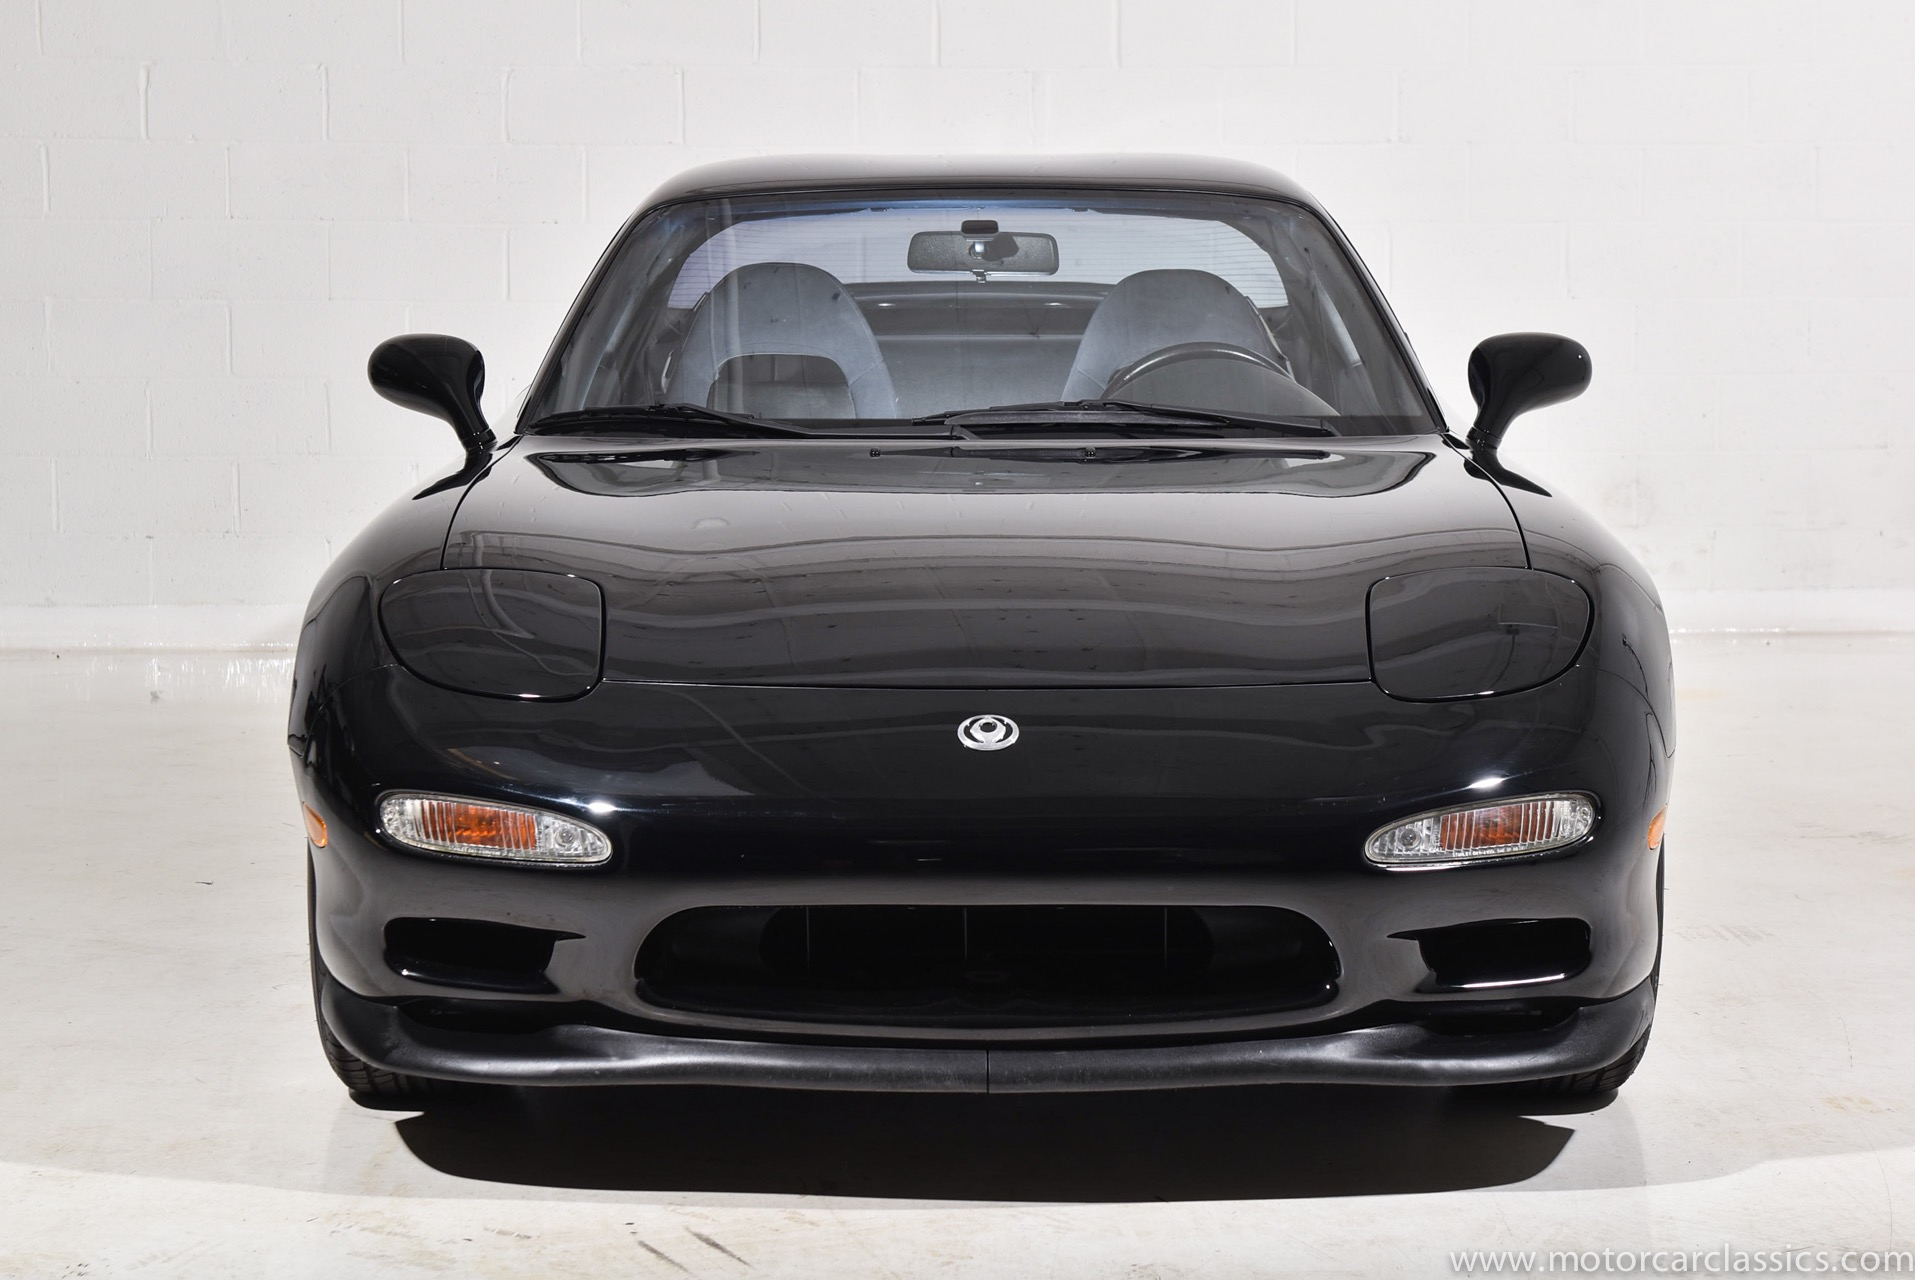 1994 Mazda RX-7 Turbo